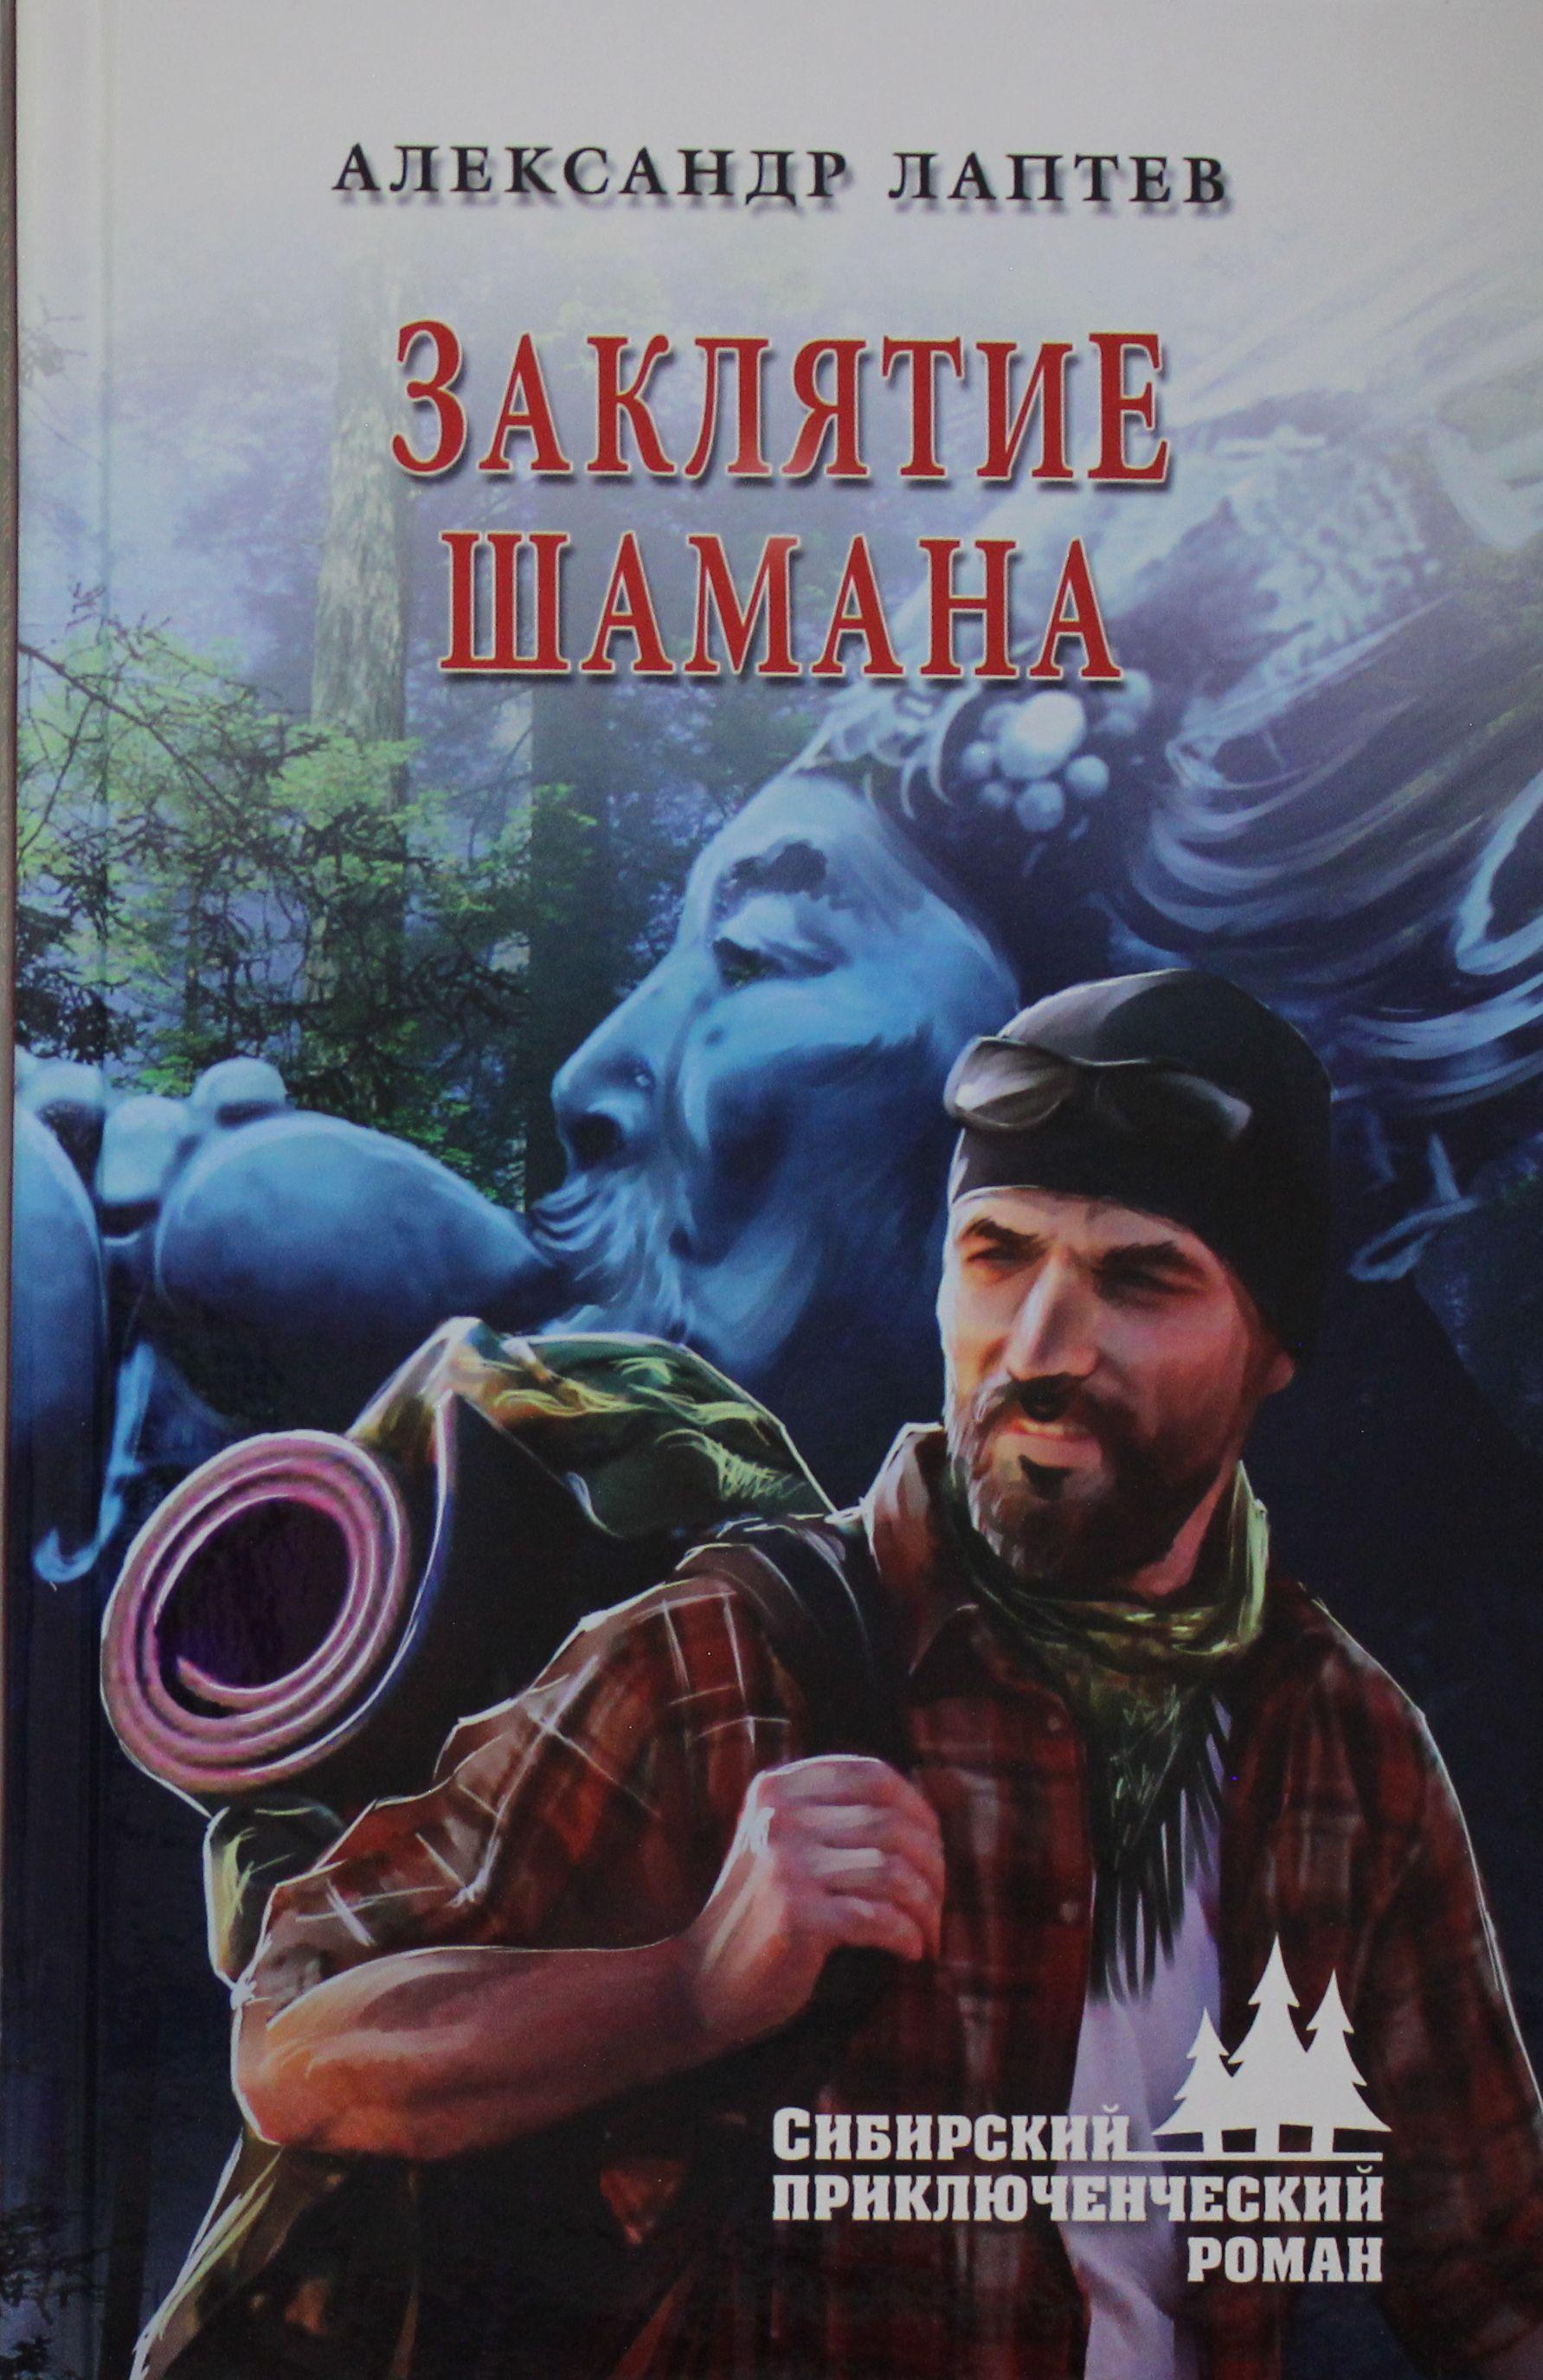 Zakljatie shamana